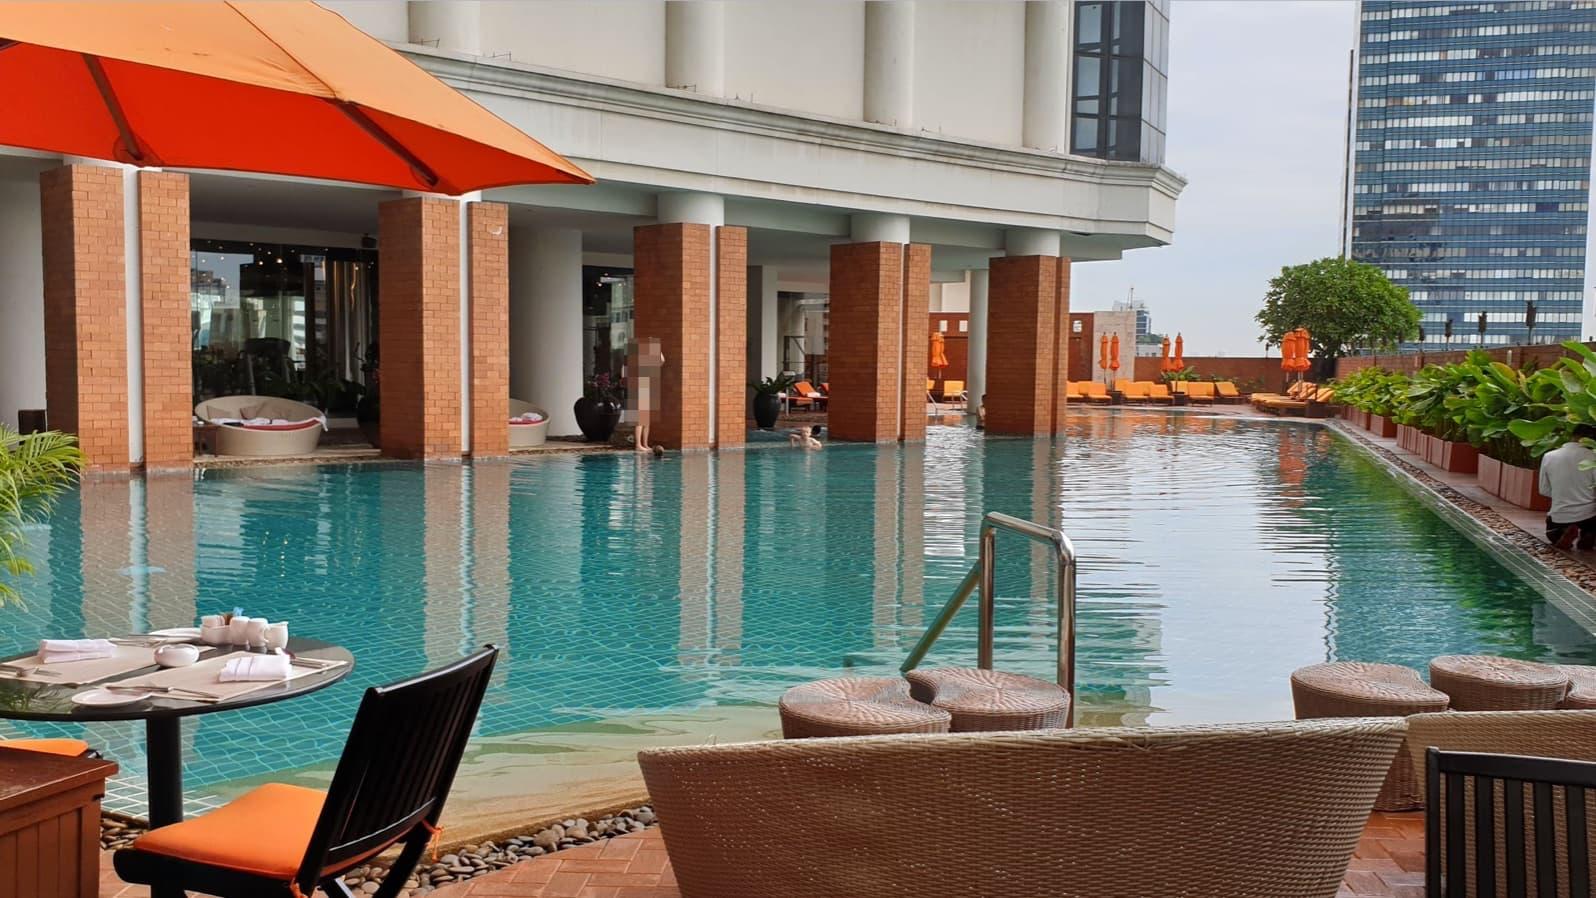 タワークラブアットルブア tower-club-at-lebua バンコク bangkok